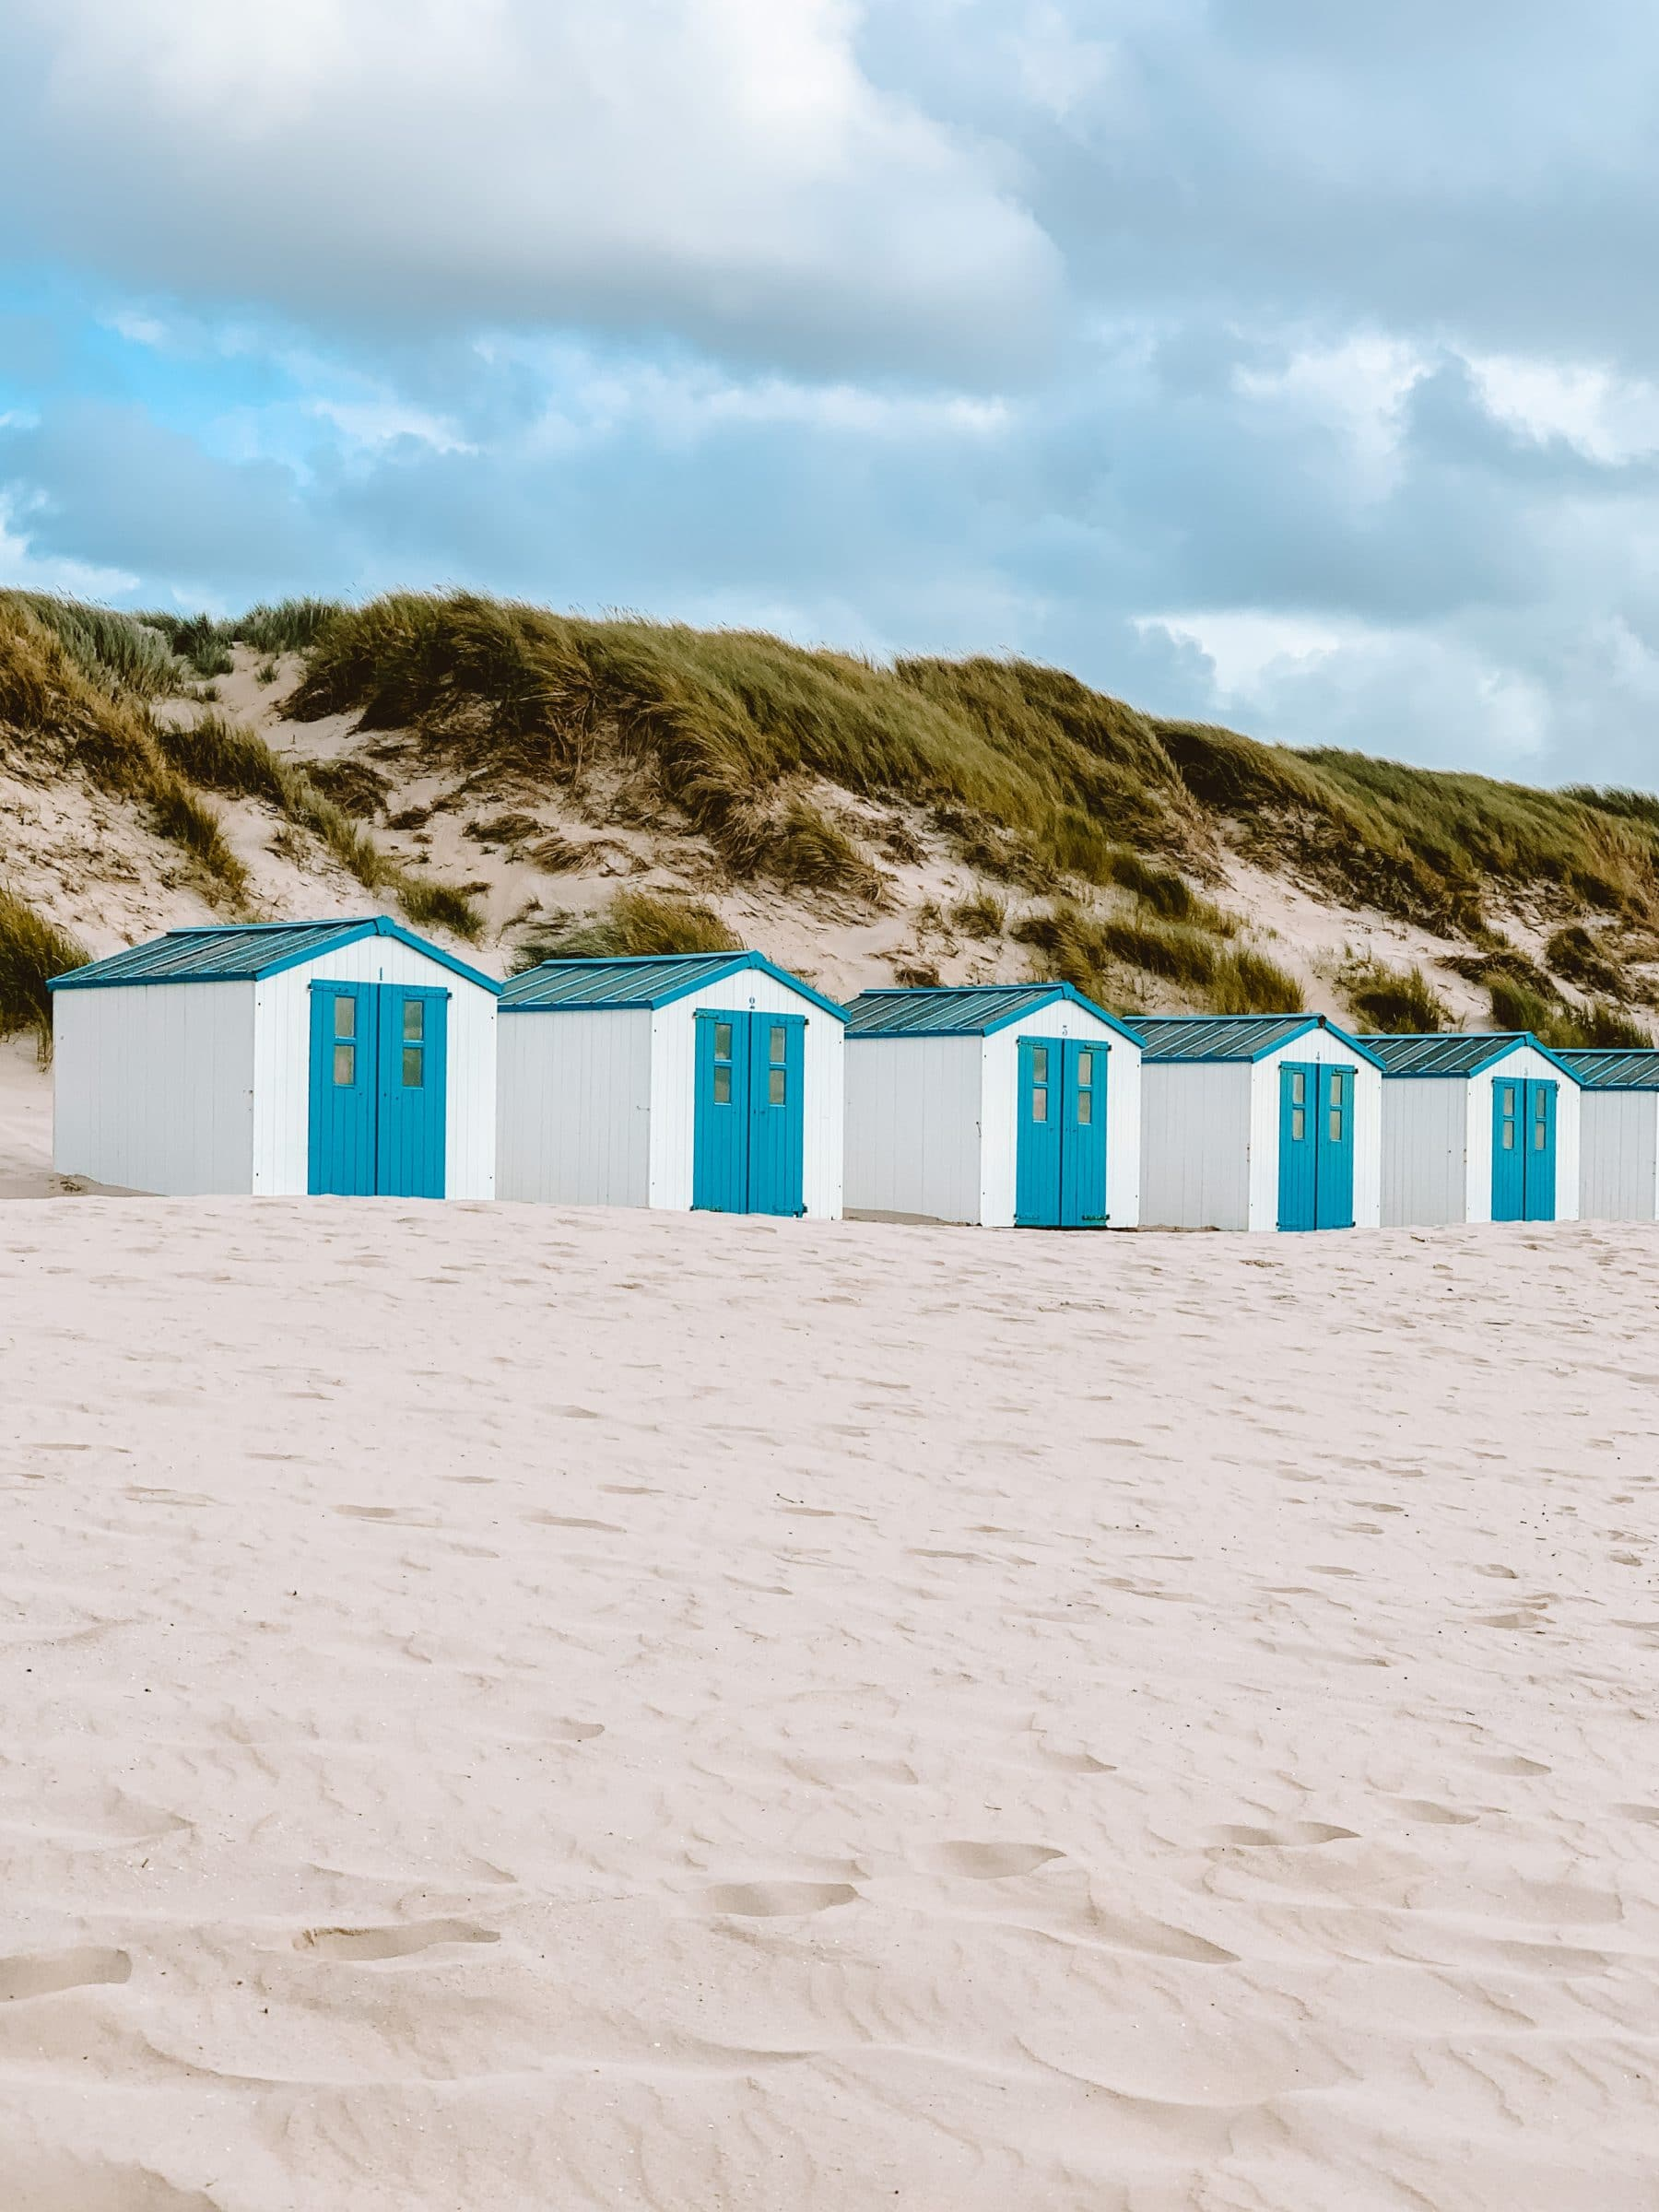 Bezienswaardigheden Texel - strandhuisjes